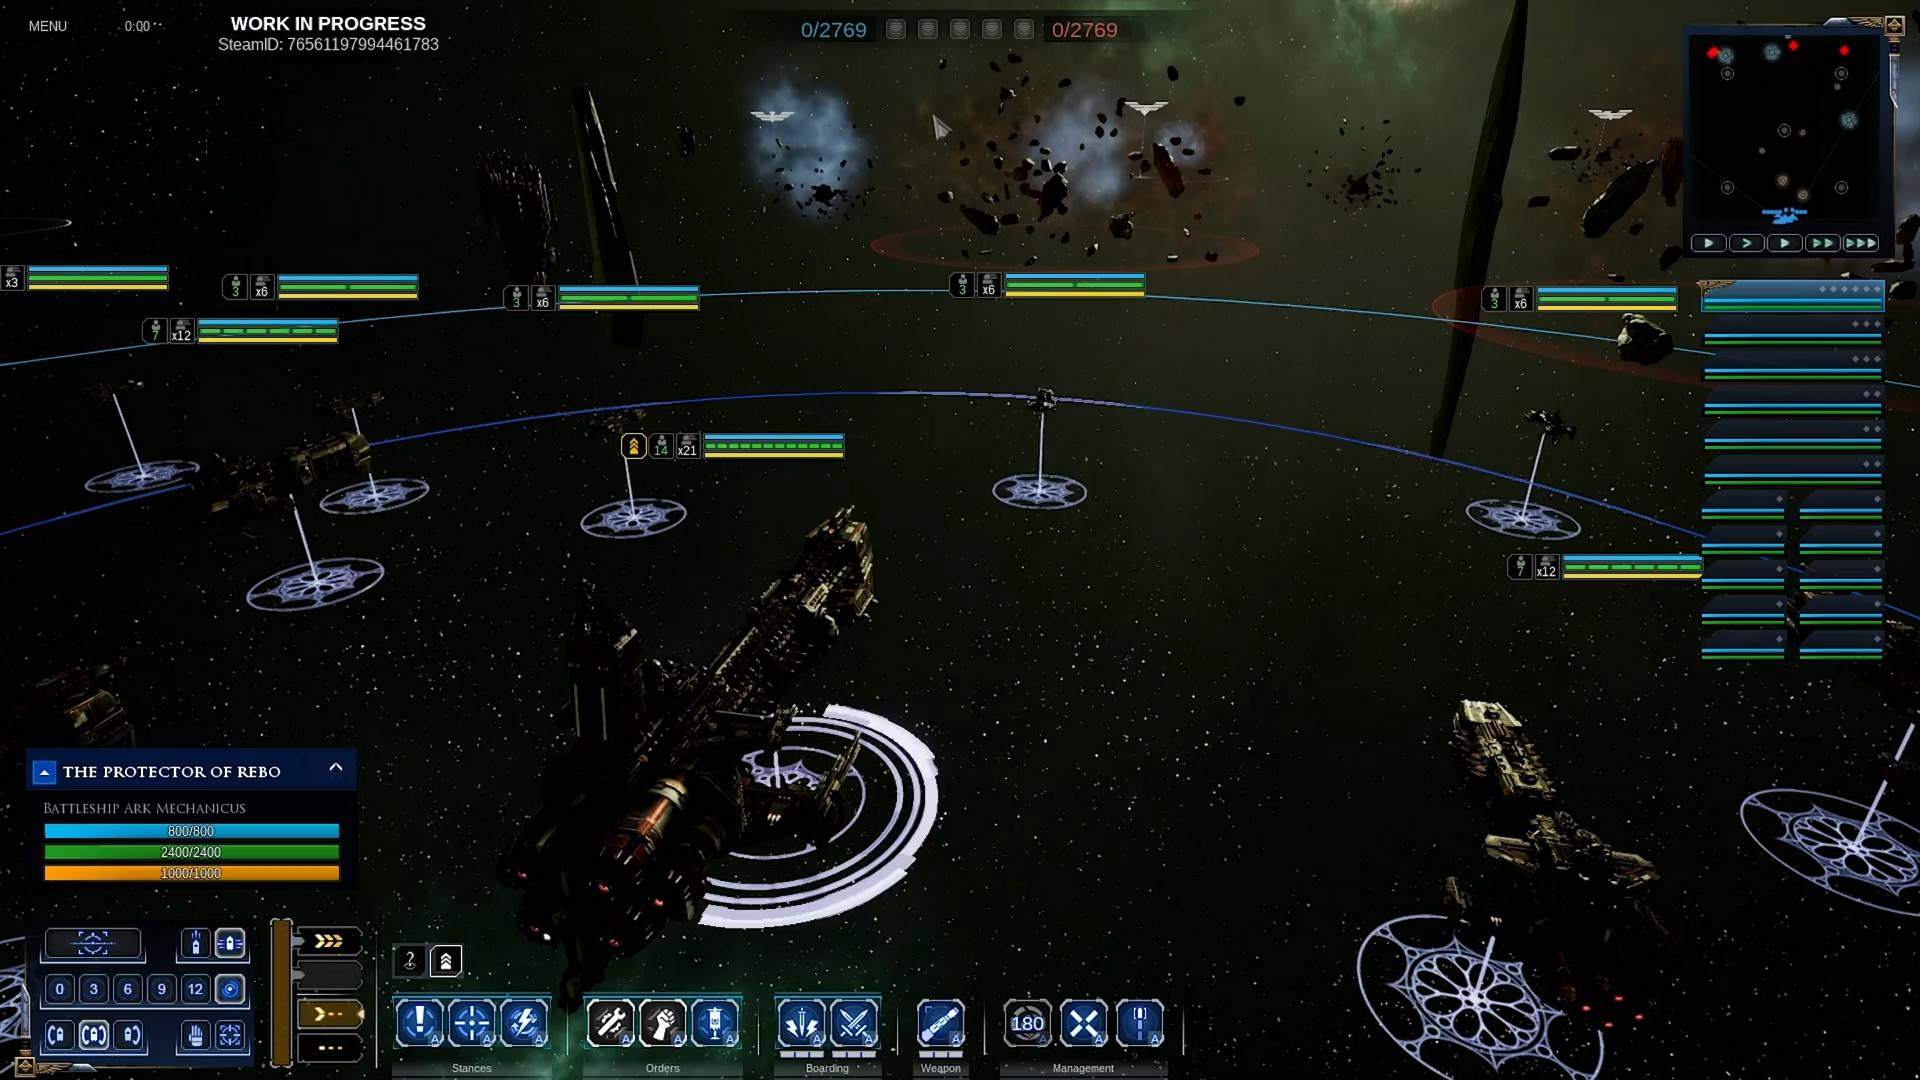 《哥特战舰:阿玛达2》新v战舰宇宙舰队视频疯视频卡点点图片